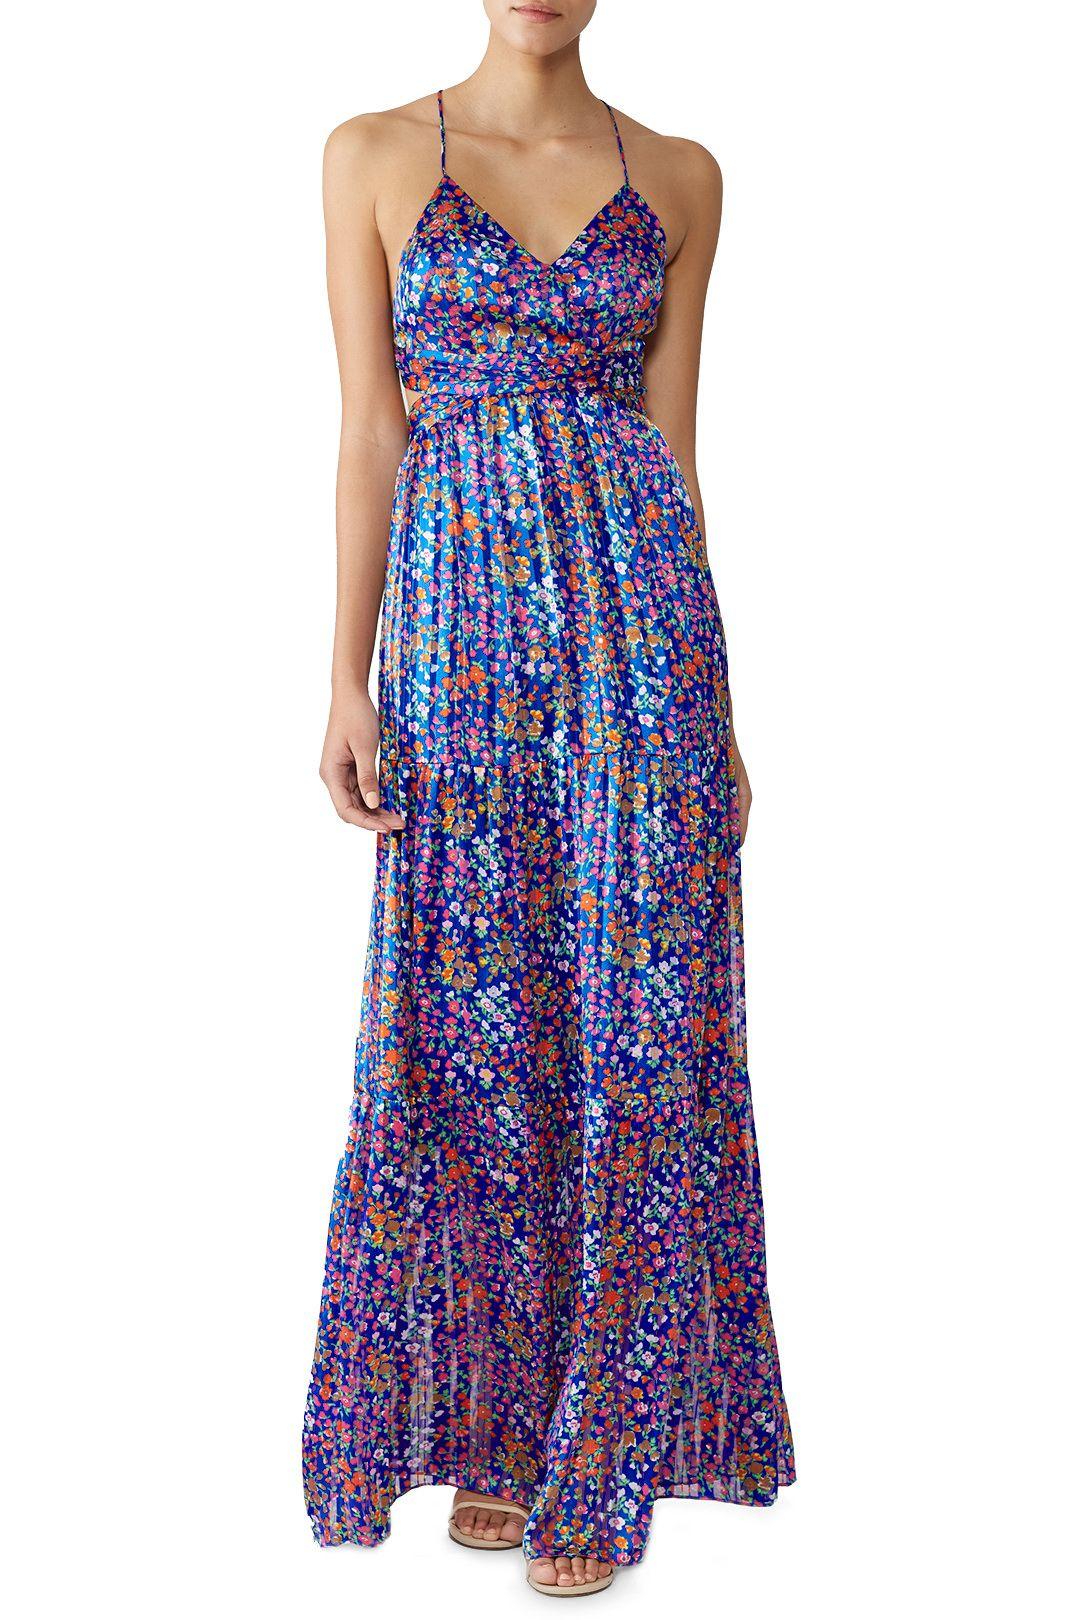 Ba Sh Rosy Maxi Maxi Dress Style Maxi Dress Floral Print Maxi Dress [ 1620 x 1080 Pixel ]